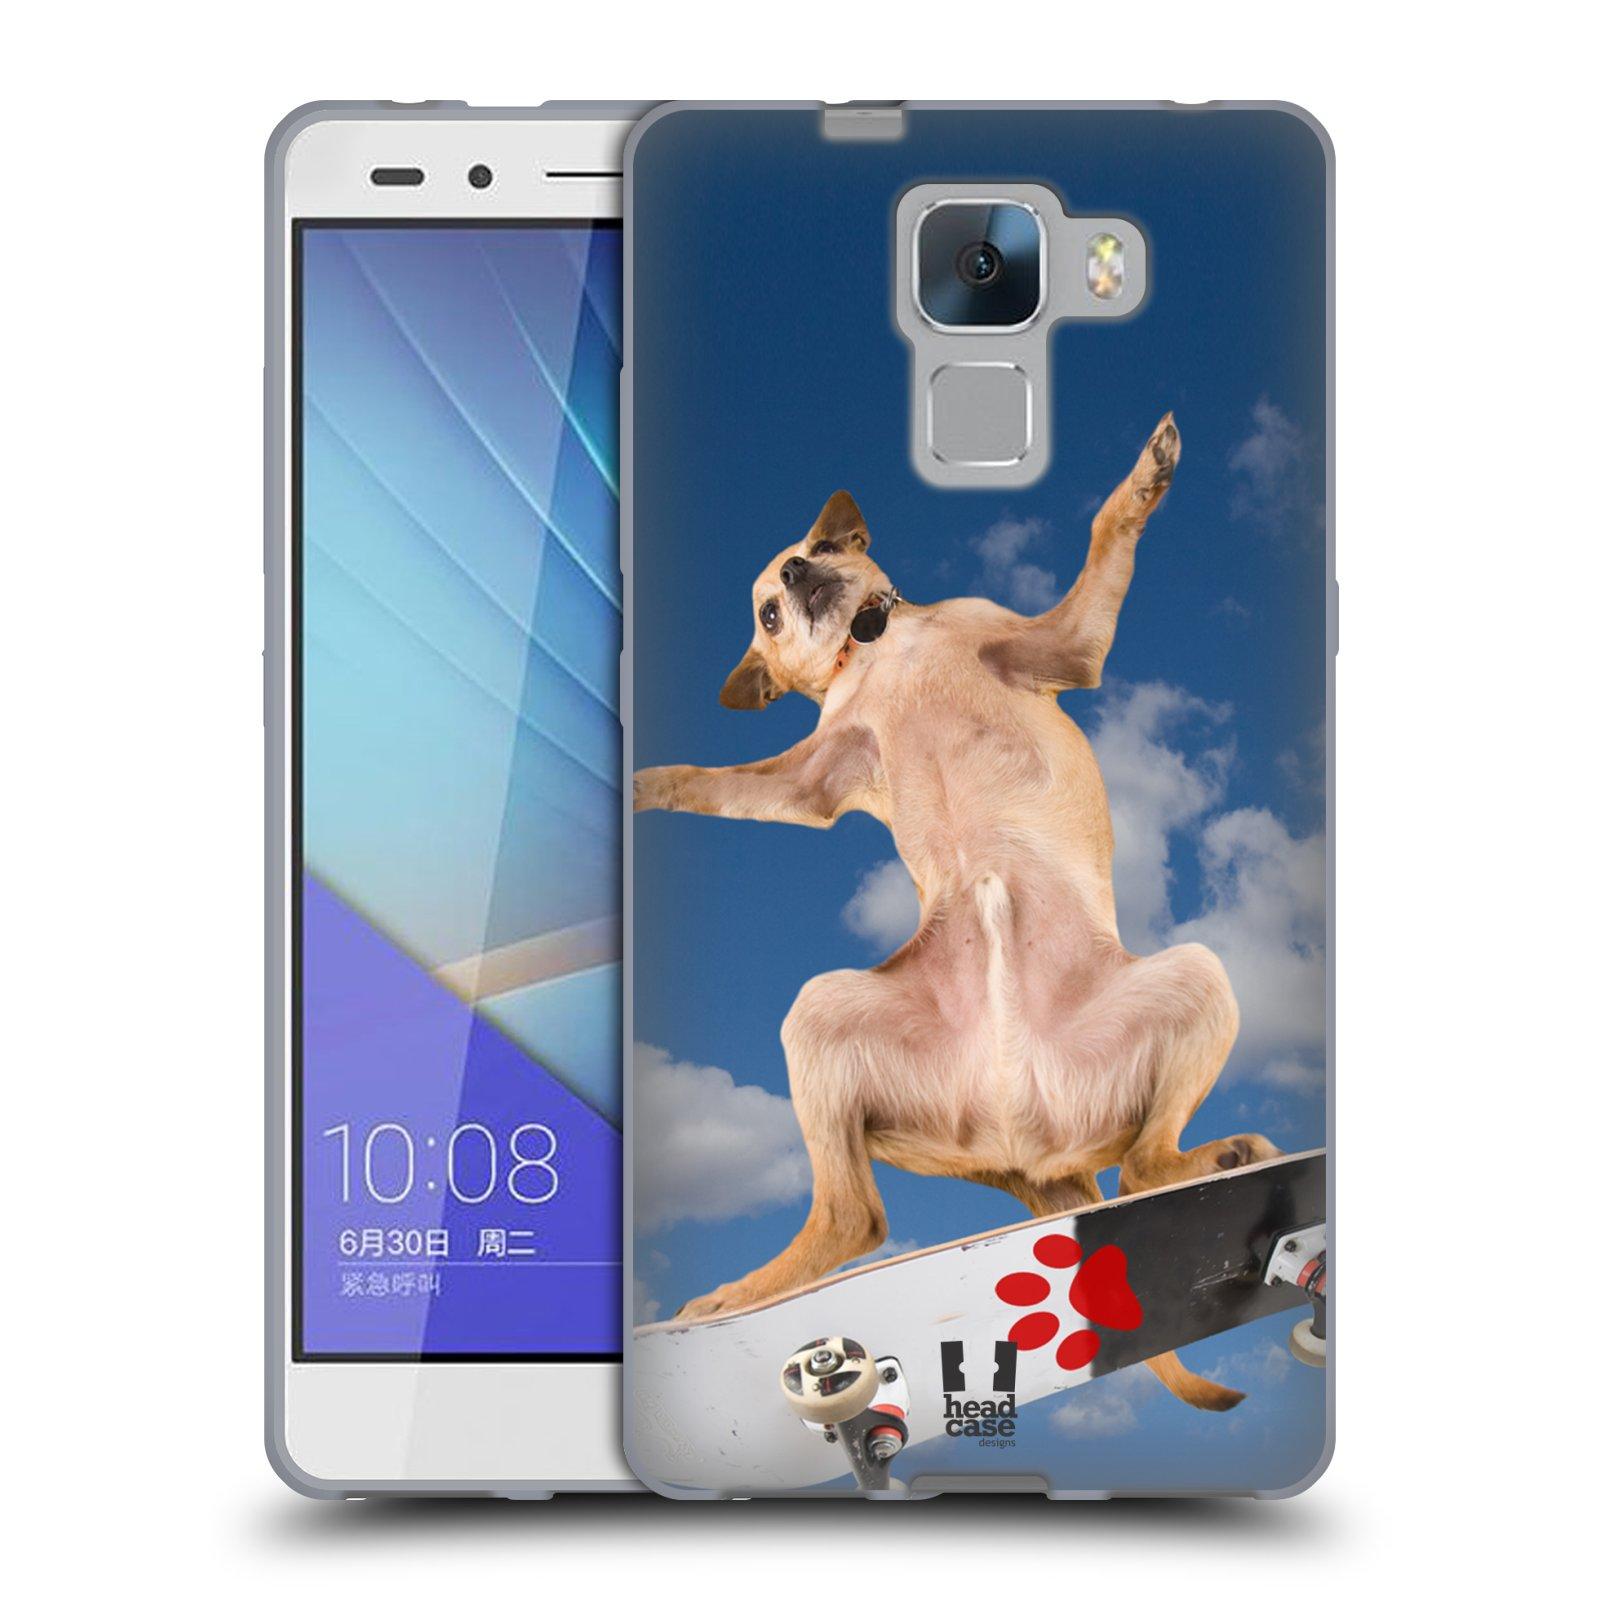 HEAD CASE silikonový obal na mobil Huawei  Honor 7 Legrační zvířátka pejsek na skateboardu